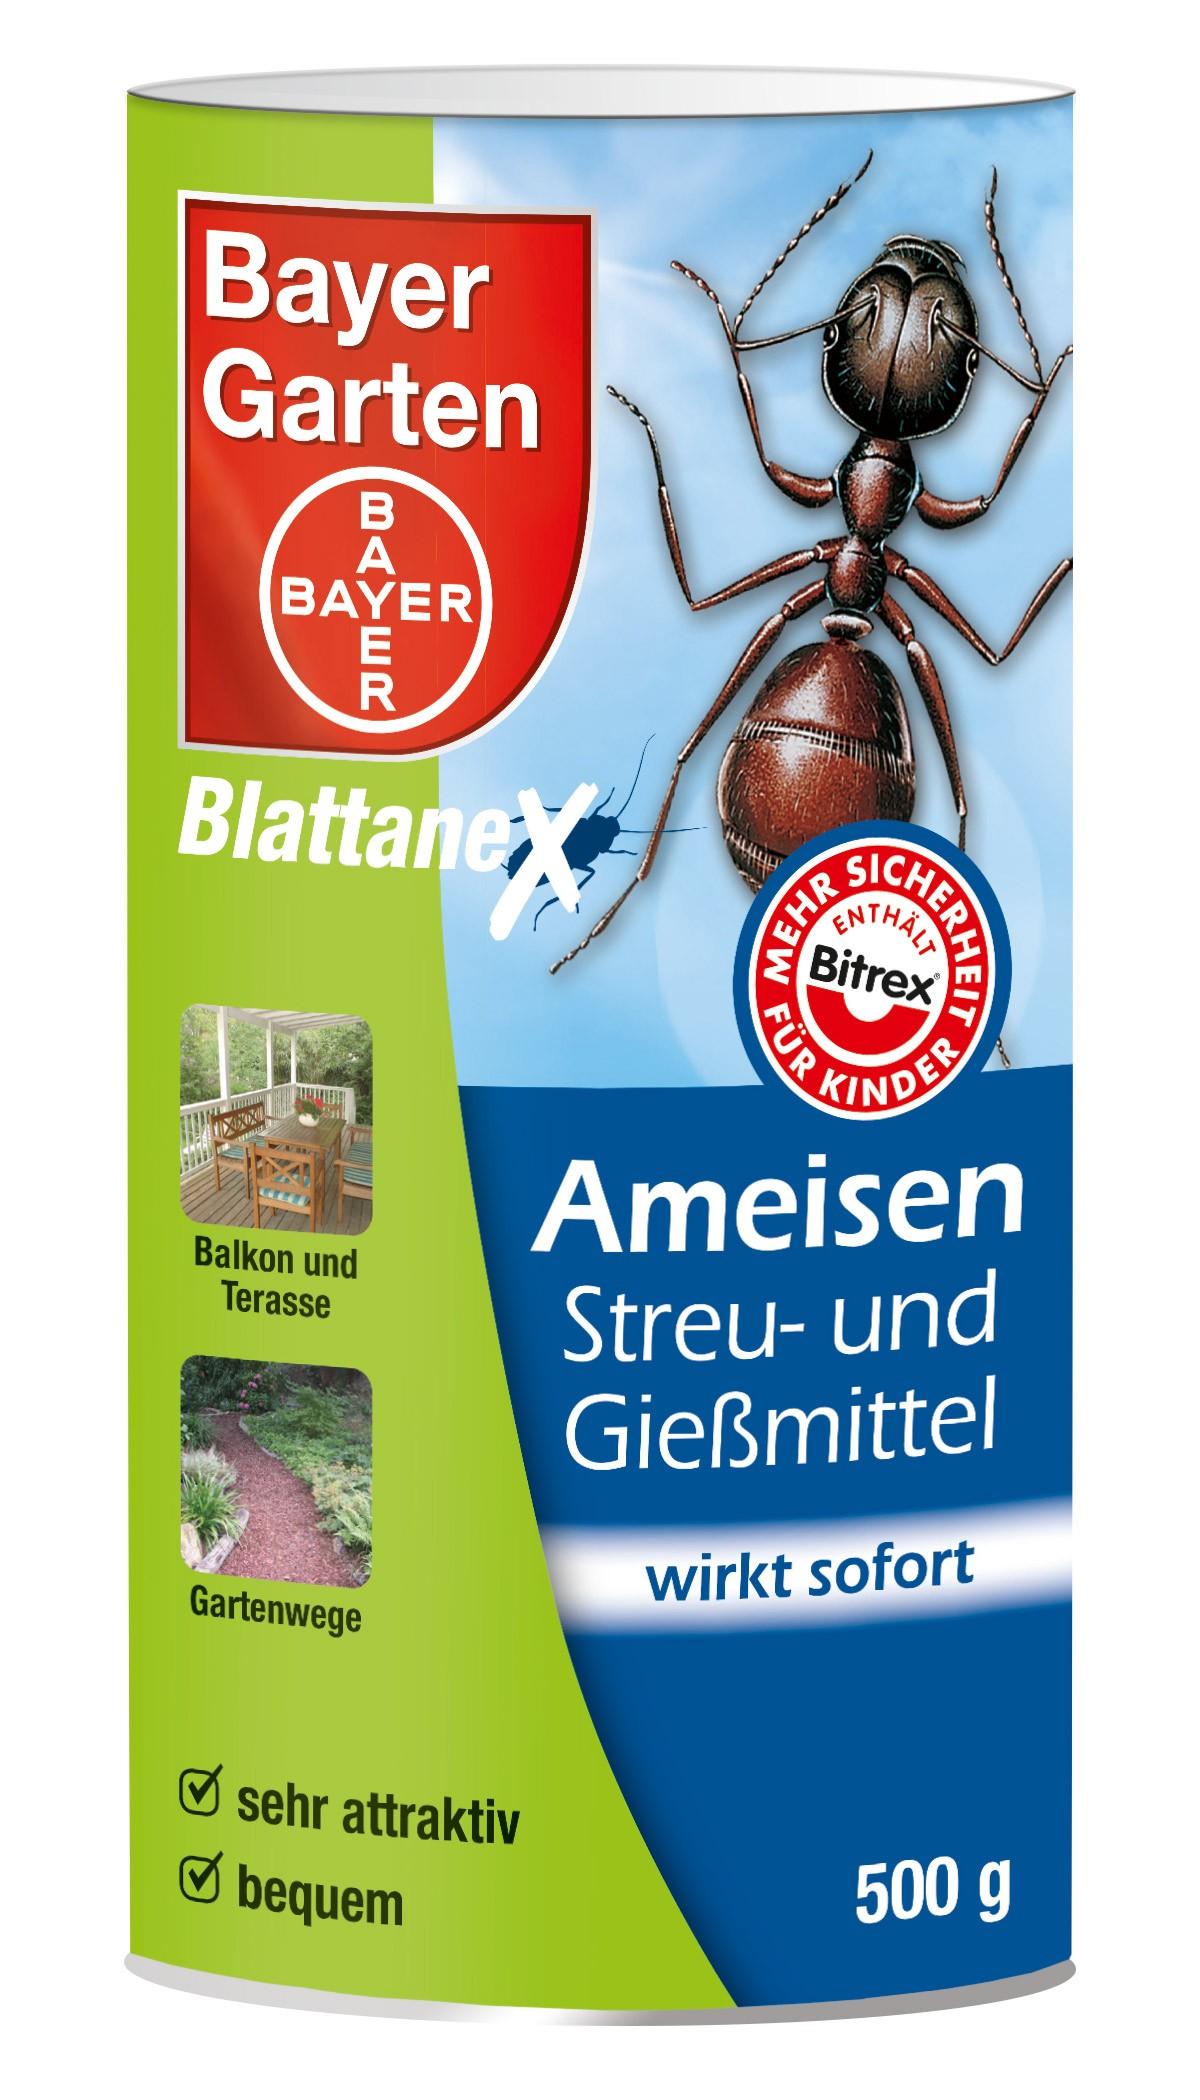 Bayer Garten Ameisenmittel / Ameisen Streu- und Gießmittel 500g Bild 1